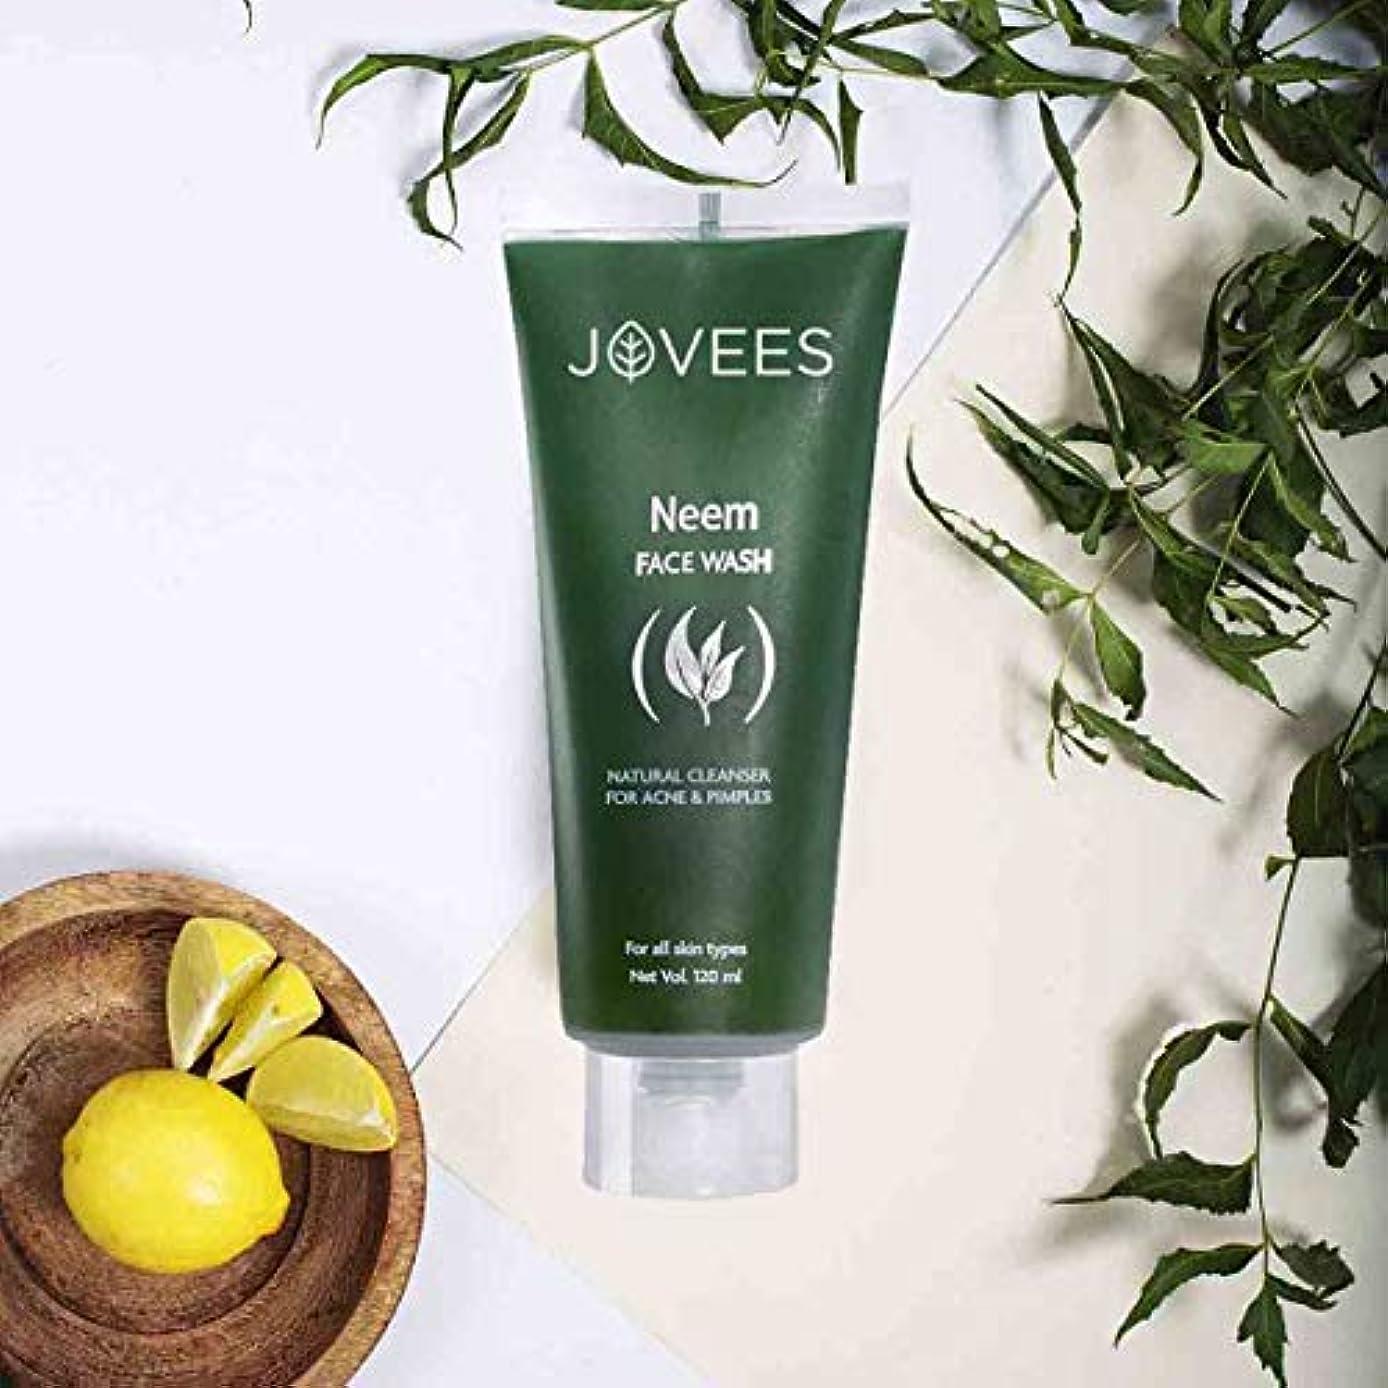 オピエートスペル売り手Jovees Natural Neem Face Wash 120ml help mitigate pimple & Acne improve skin complexion ナチュラルニームフェイスウォッシュがニキビの...